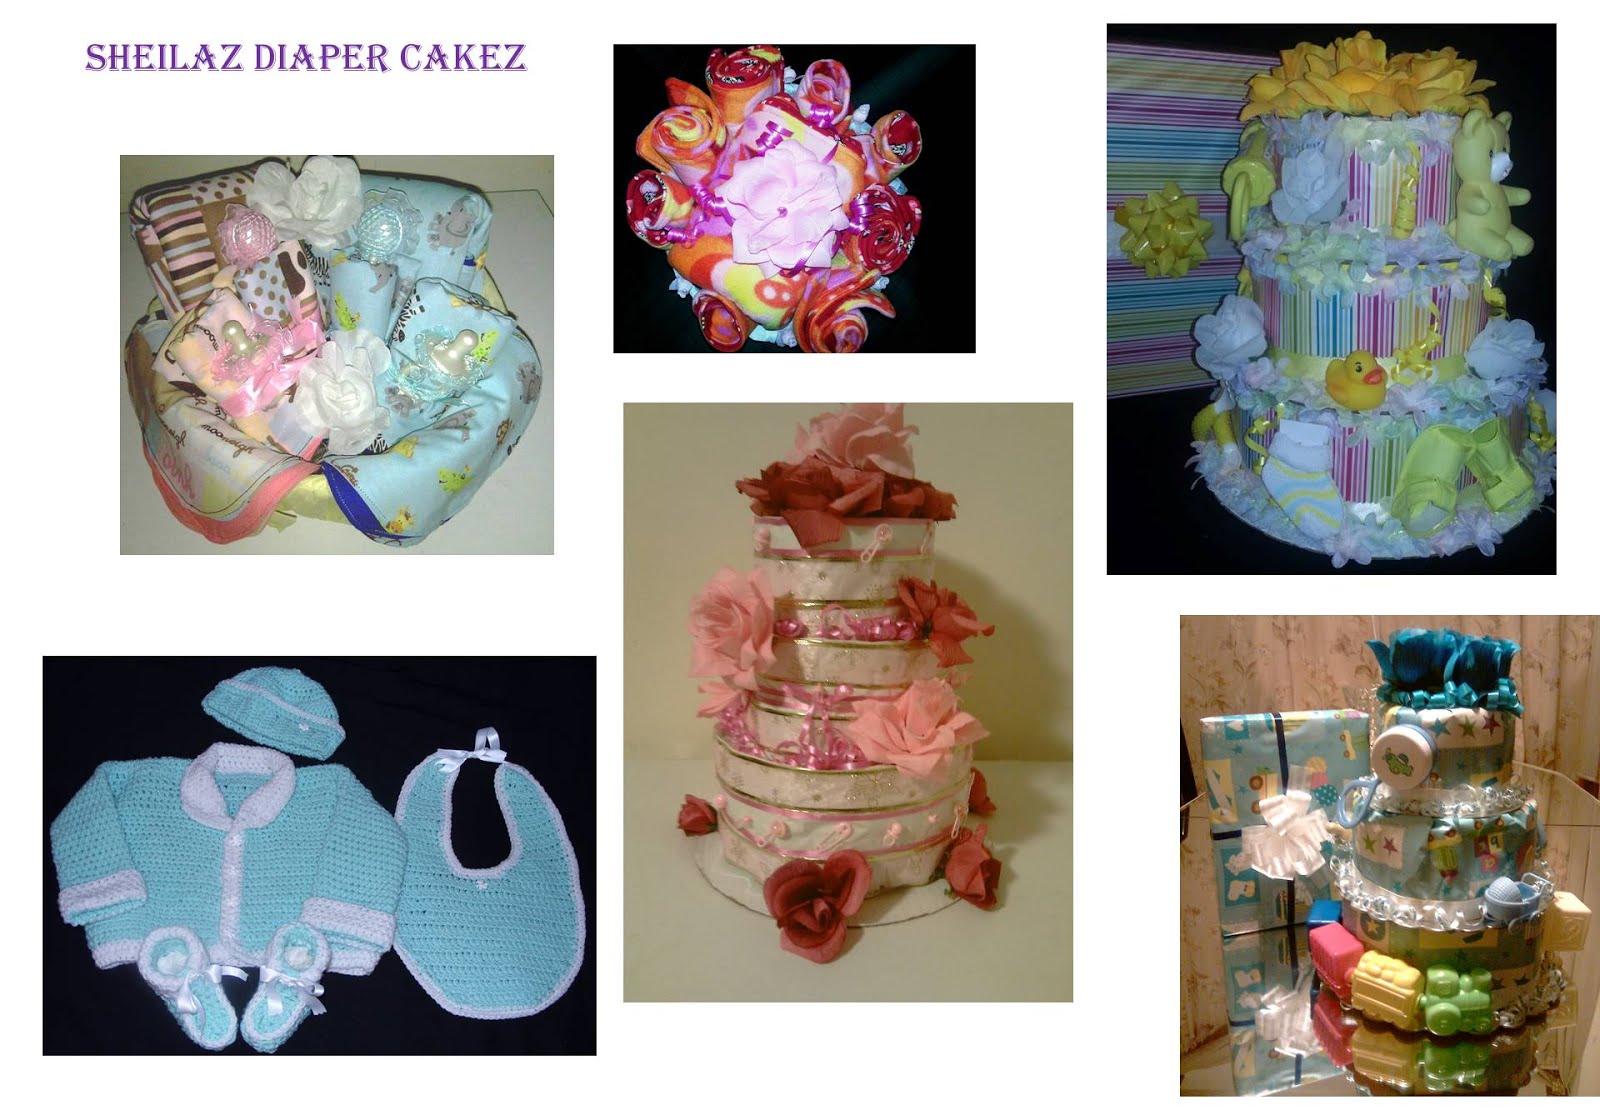 Diaper Cakez